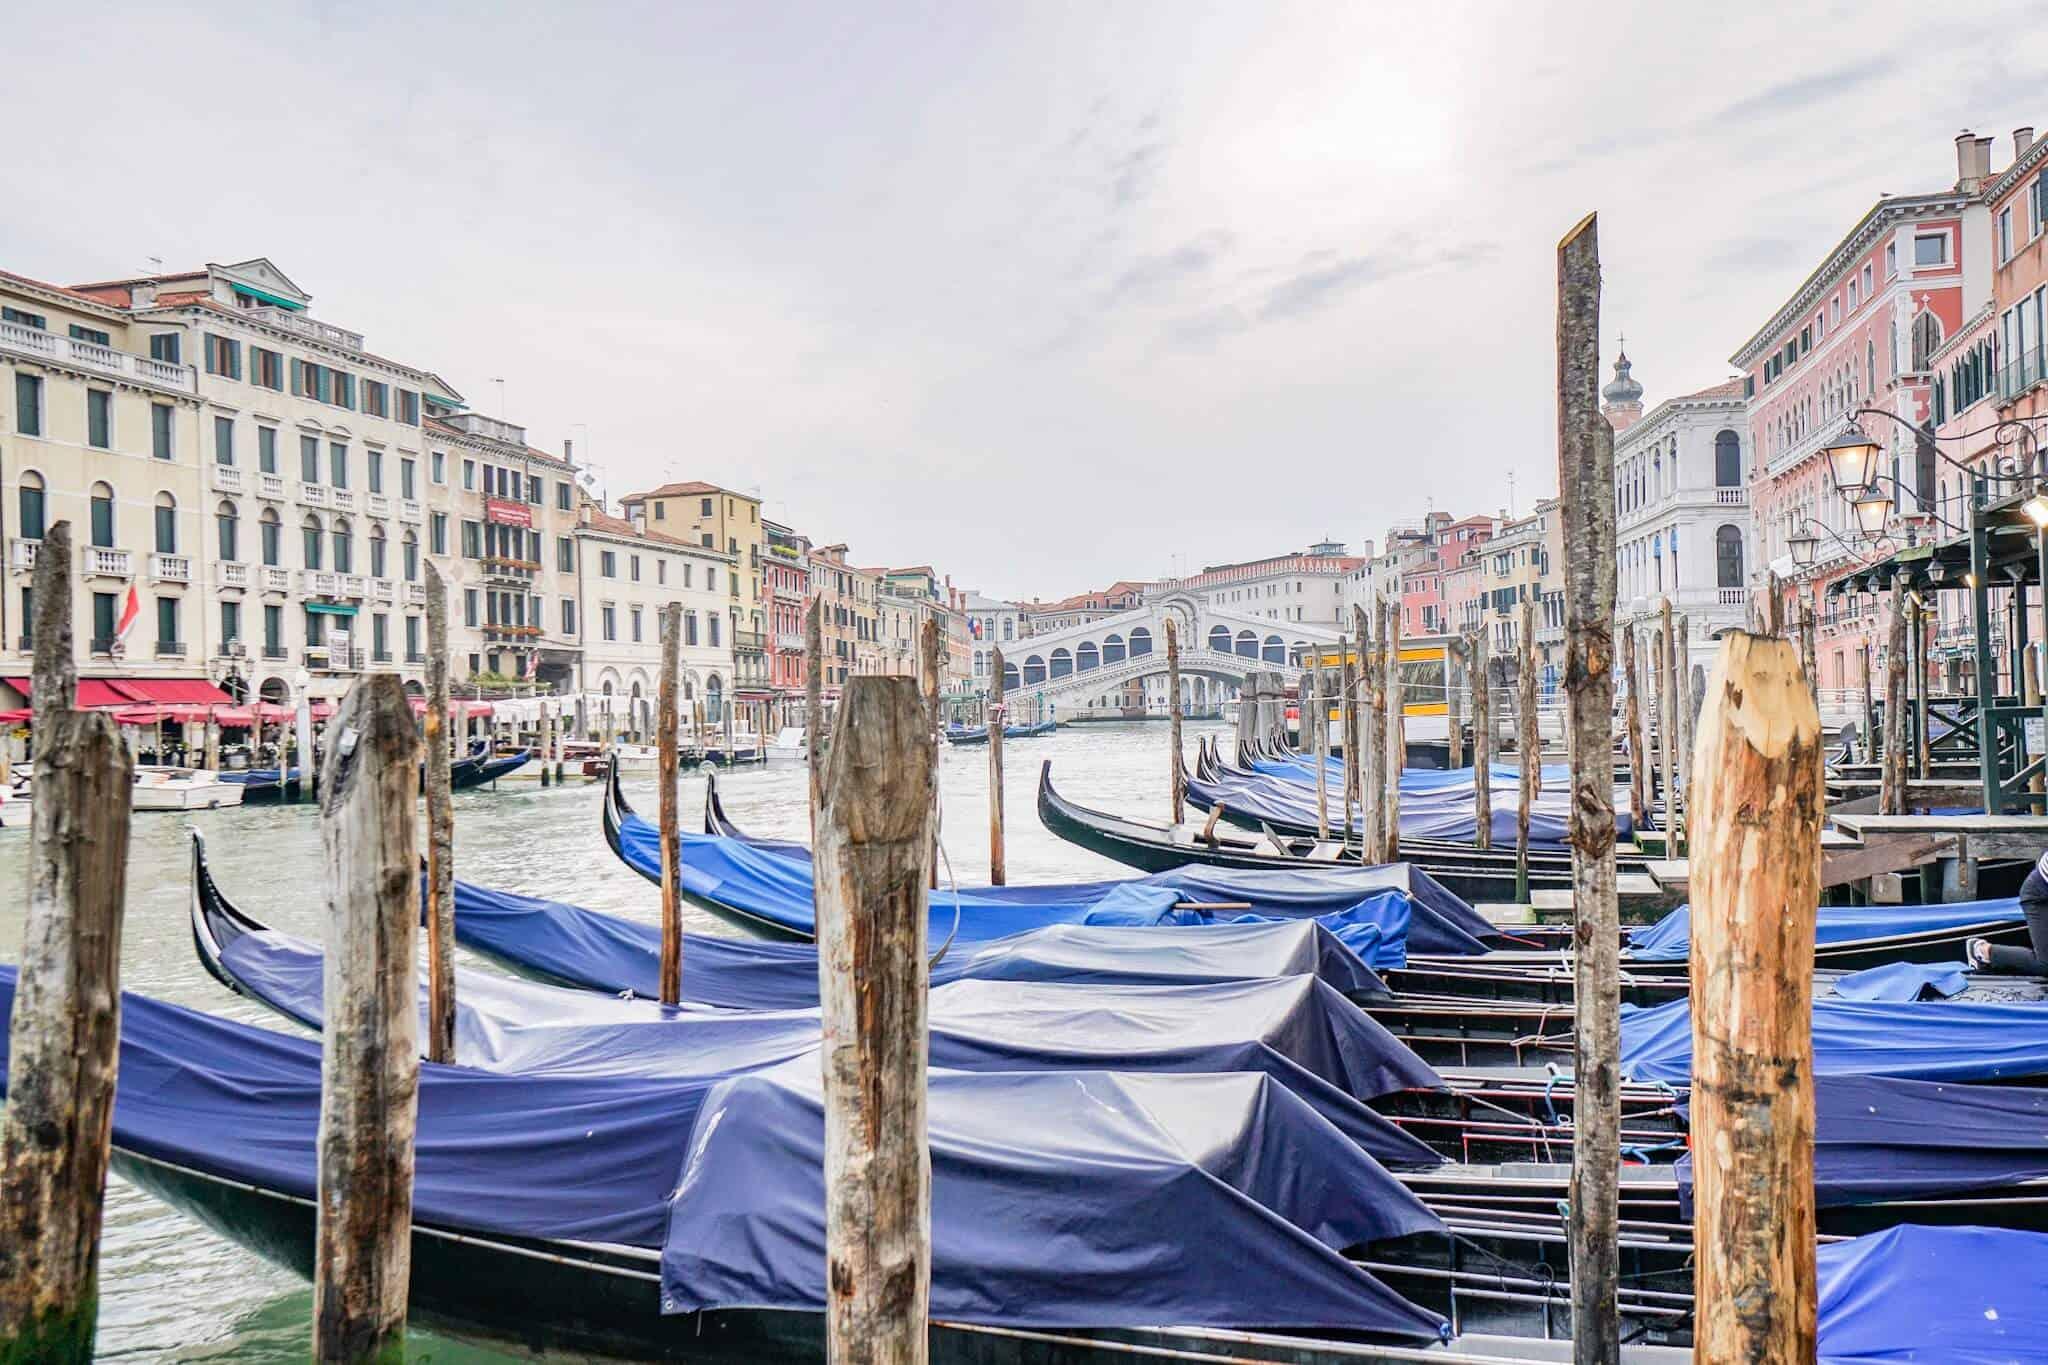 Gondolas and Rialto